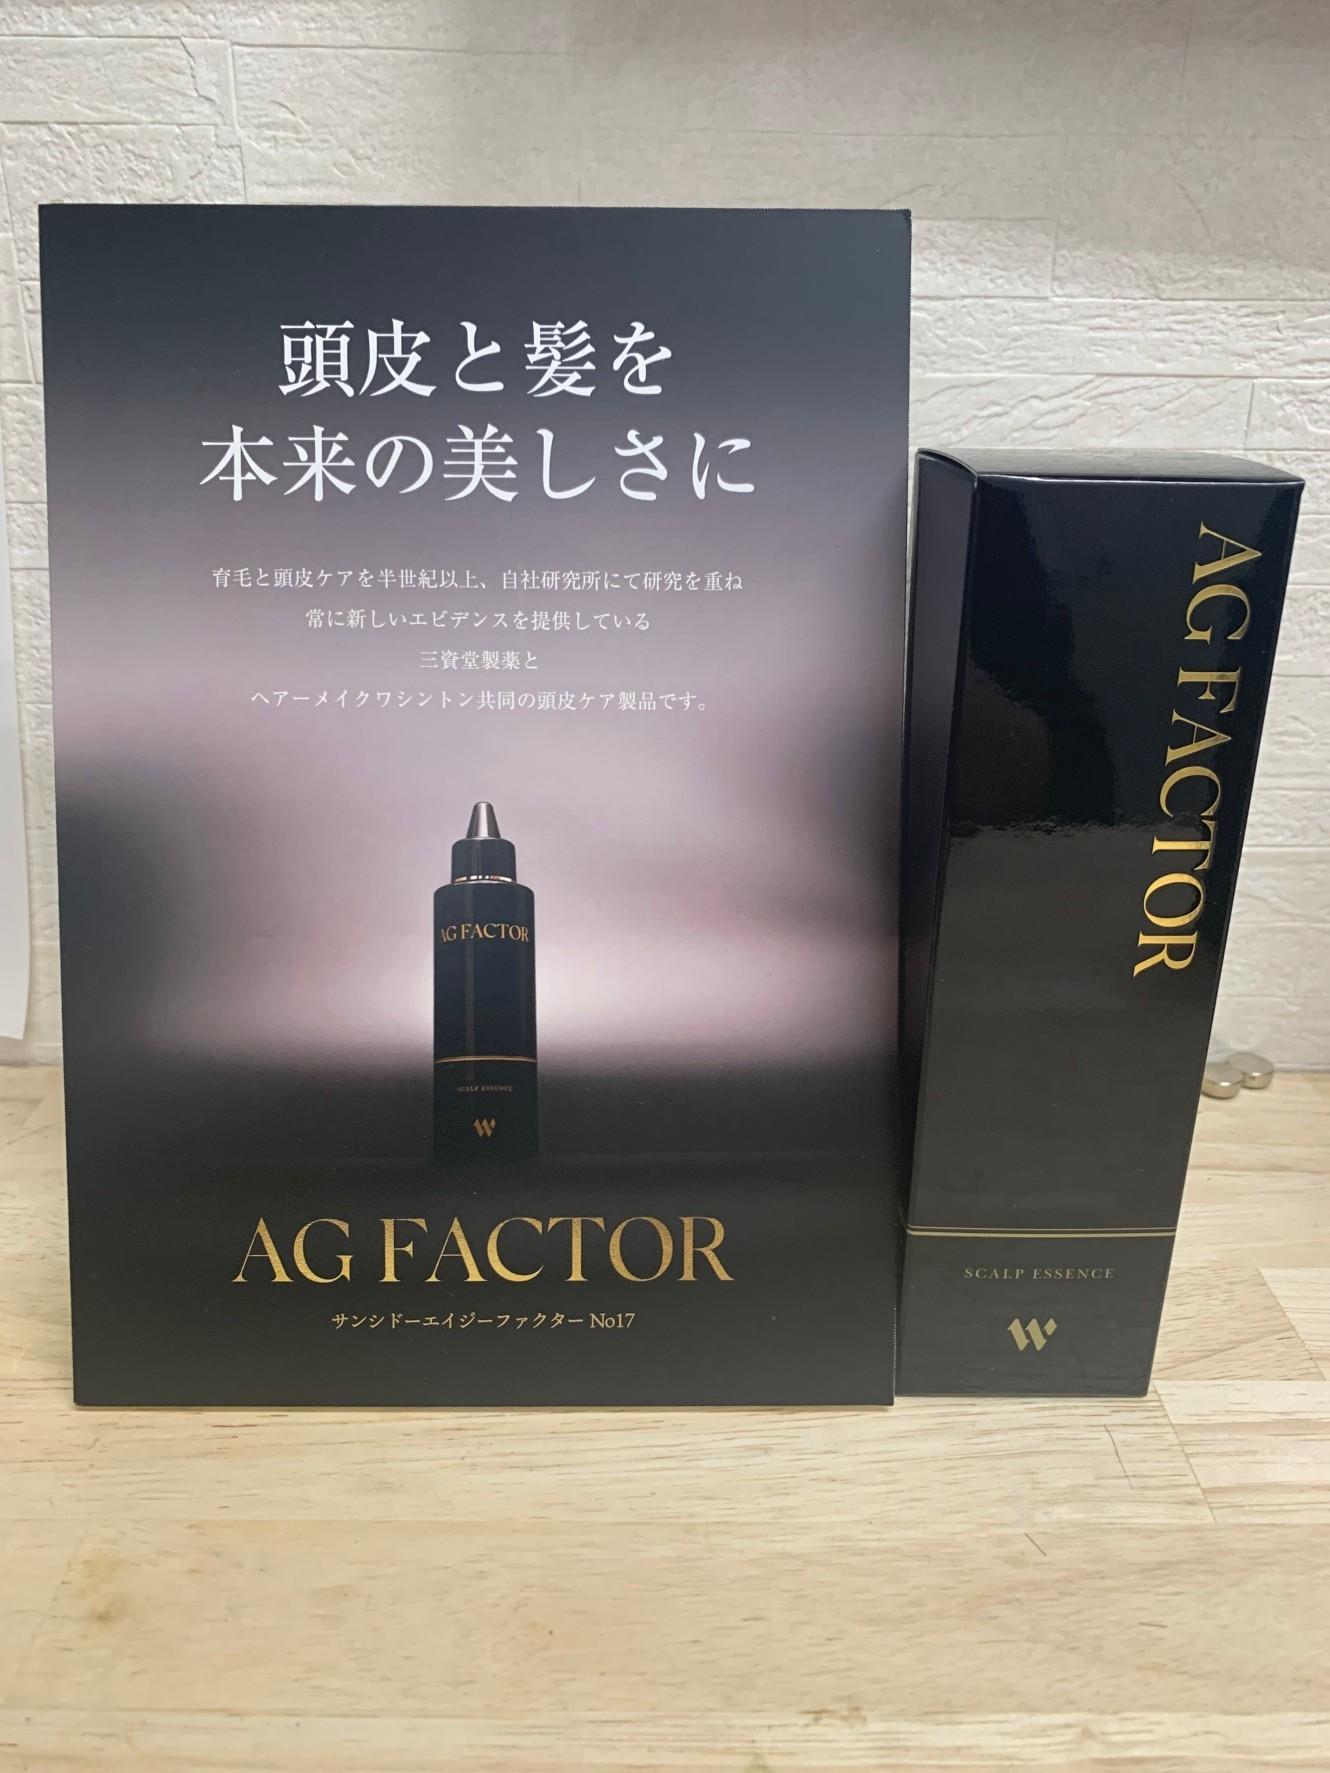 新商品 AGファクター_c0116855_10172209.jpg